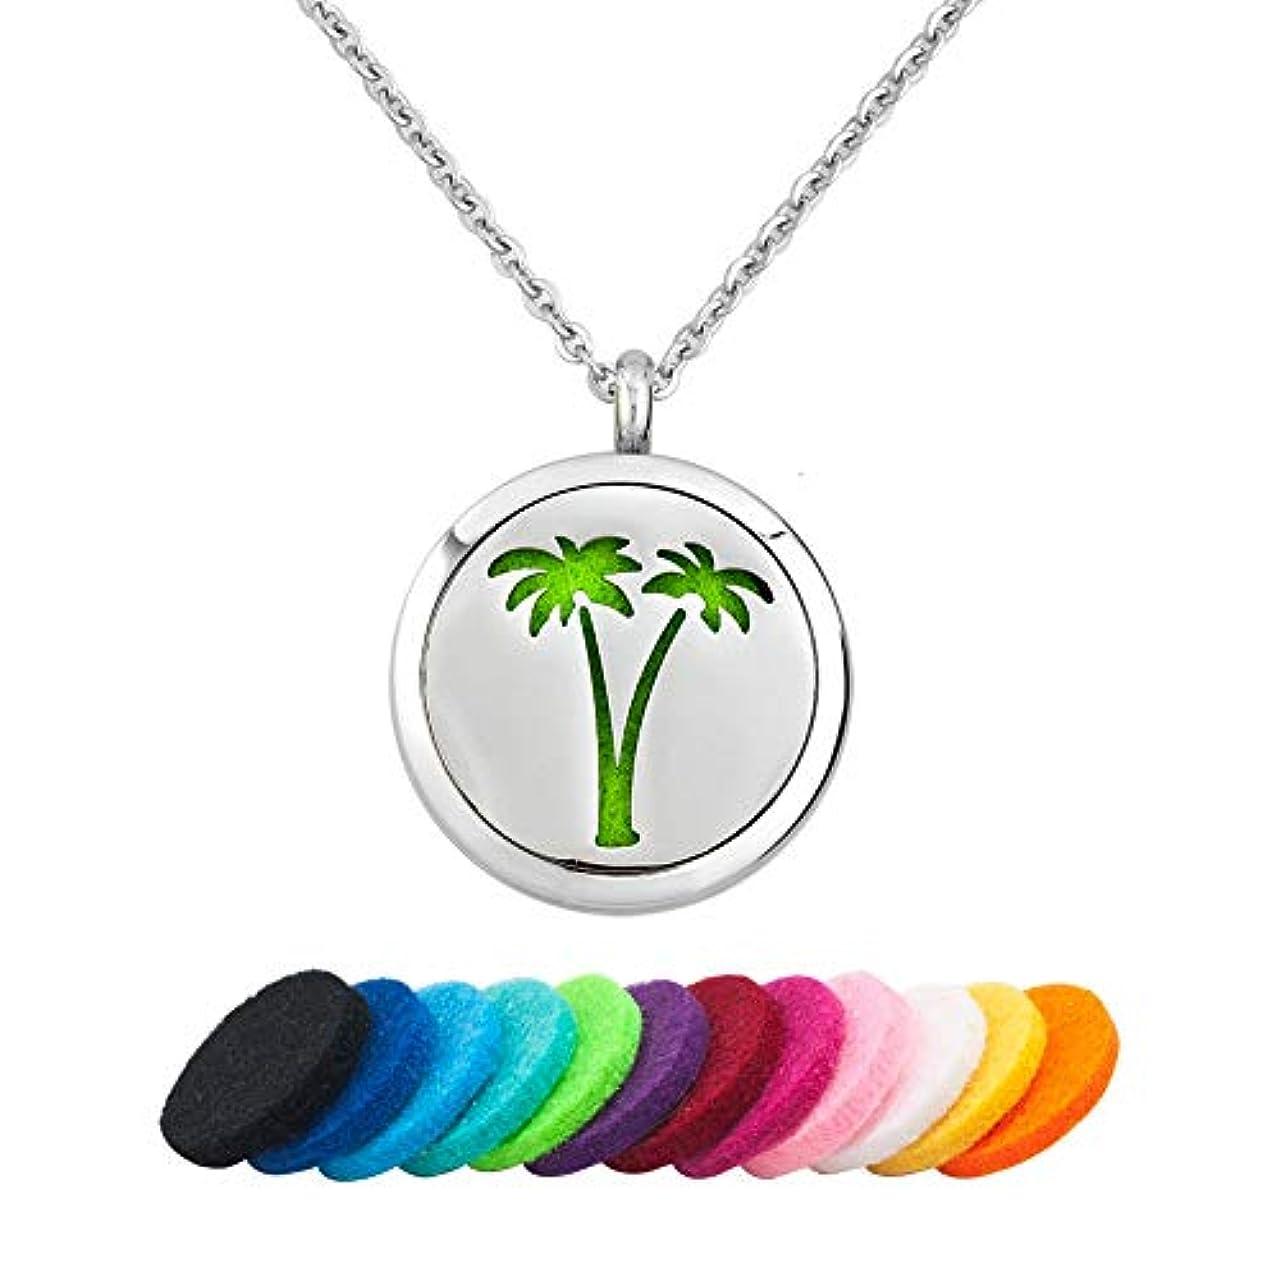 欲求不満専門確認してくださいCLY Jewelry Love Nature Winds ファイヤーメープルクローバー ヤシの木 マッシュルーム アロマセラピー エッセンシャルオイルディフューザー ネックレスペンダント 12パッド